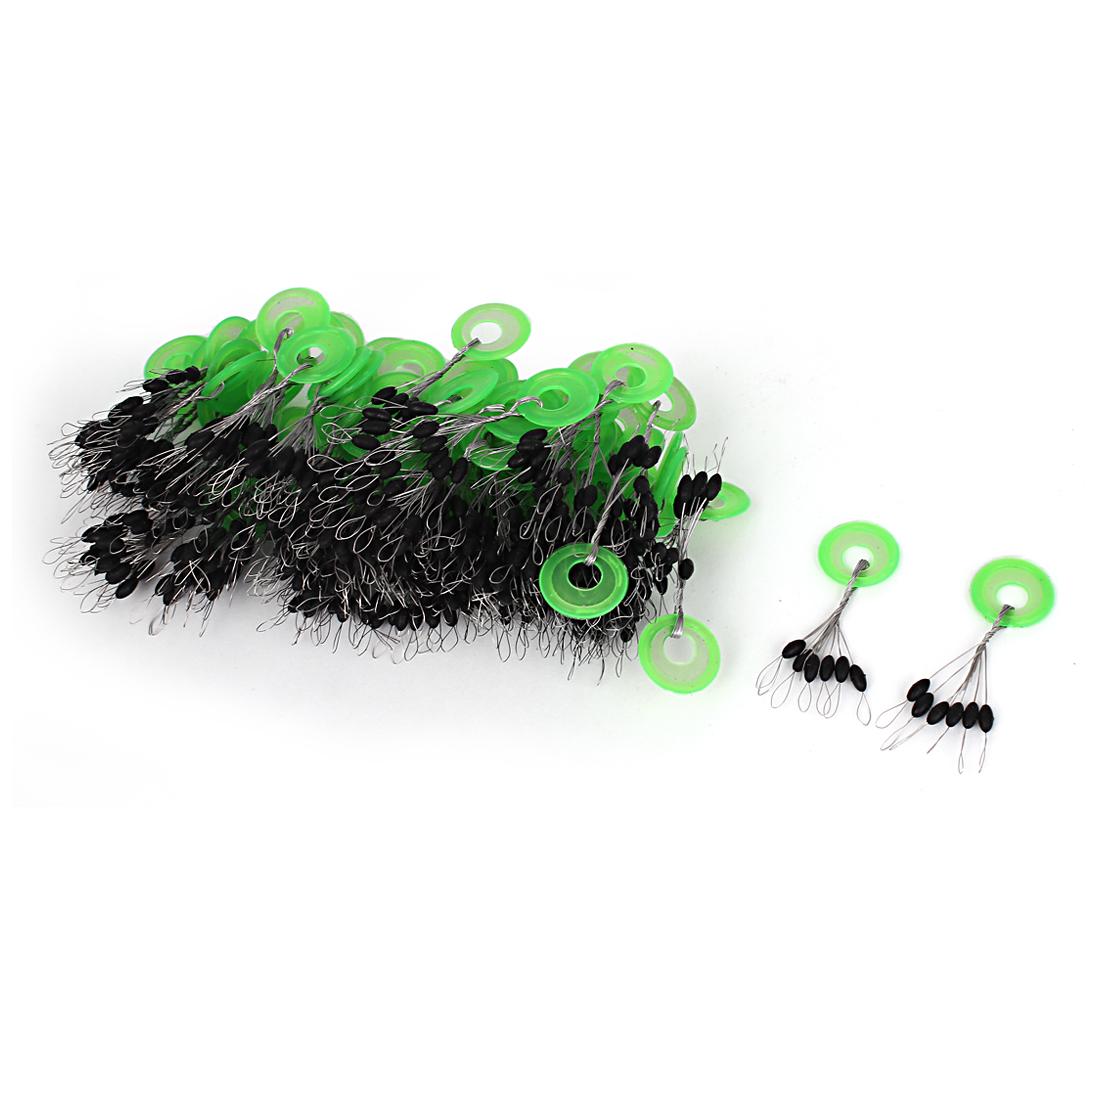 100Pcs Plastic Round Ring Oval Float Fishing Bobber Stopper Green Black